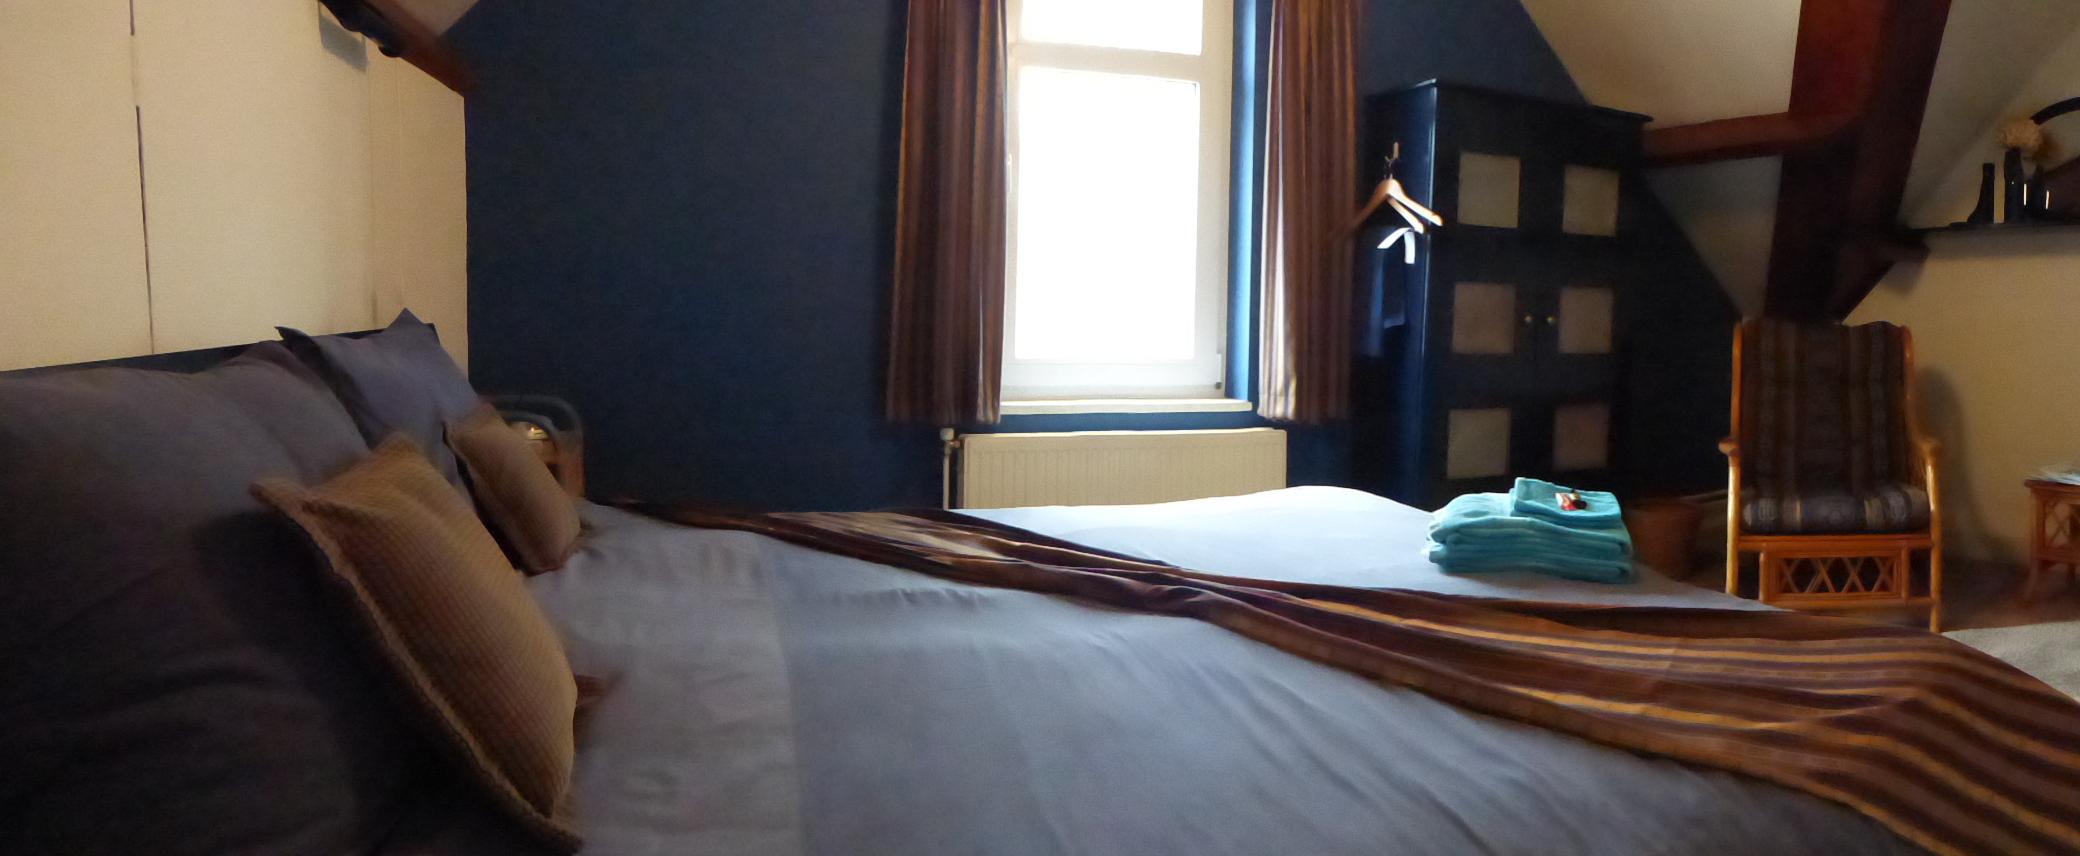 B b rockanje bed en breakfast berkenrode b en b in rockanje aan zee - Blauwe kamer kind ...